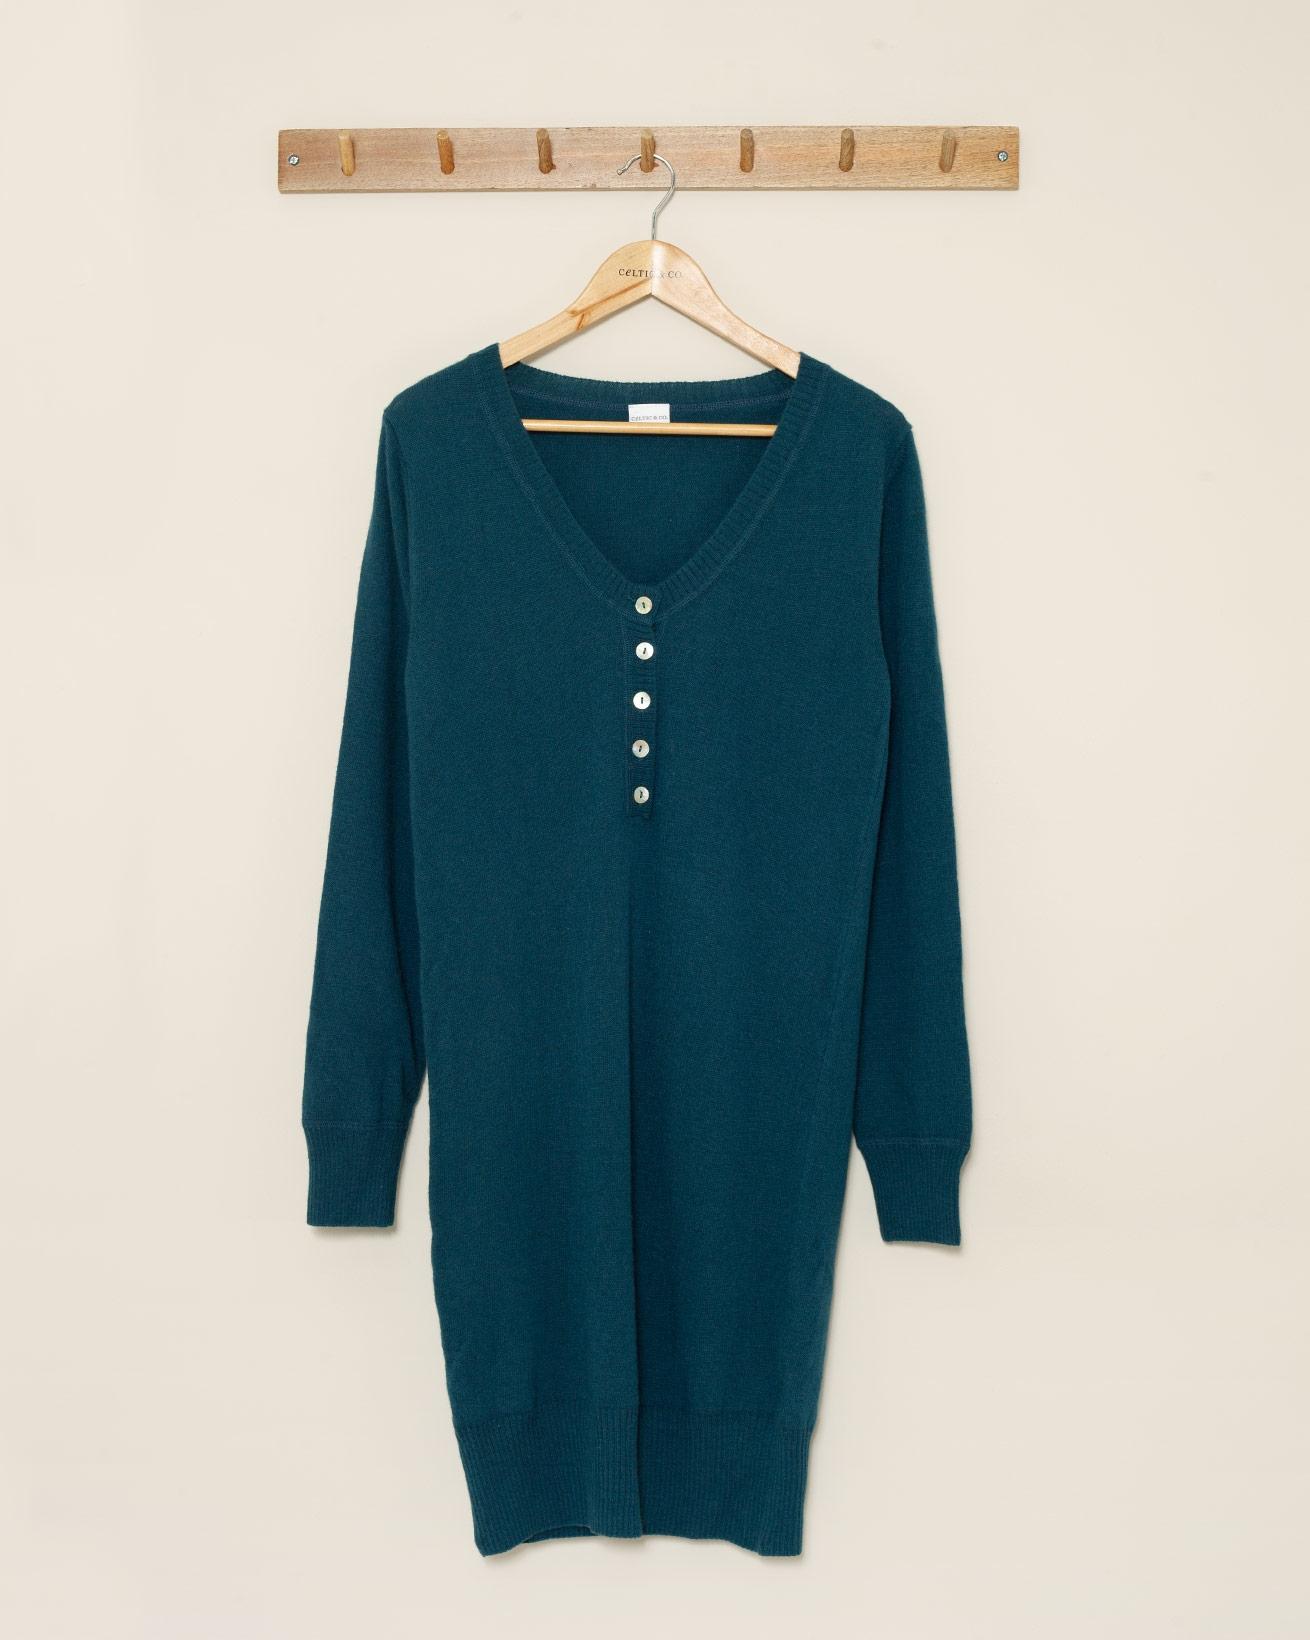 Henley Jumper Dress - Small - Teal - 1037